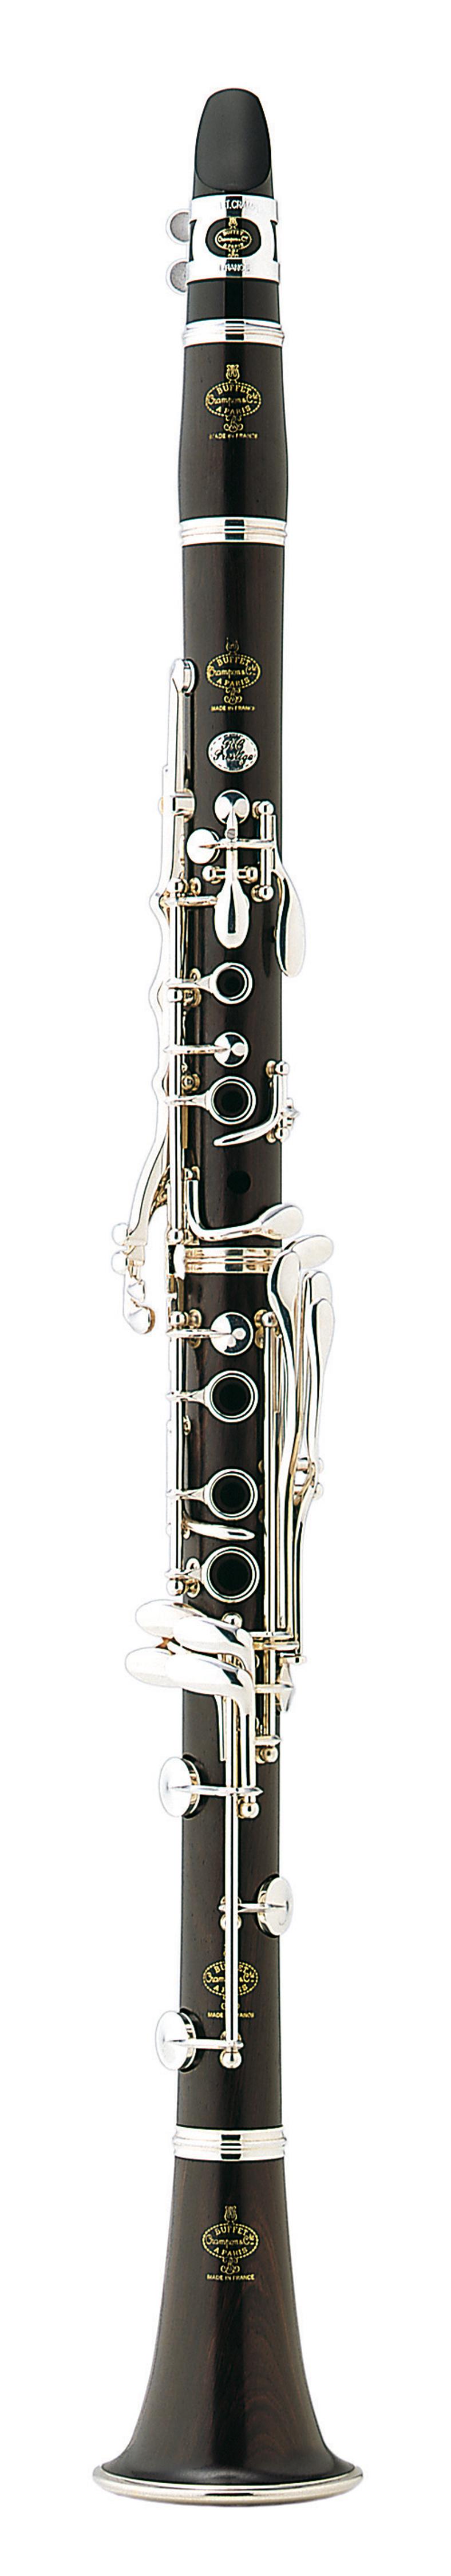 Buffet - BC - 1207L - 2 - 0 - RC Prestige - Holzblasinstrumente - Klarinetten | MUSIK BERTRAM Deutschland Freiburg